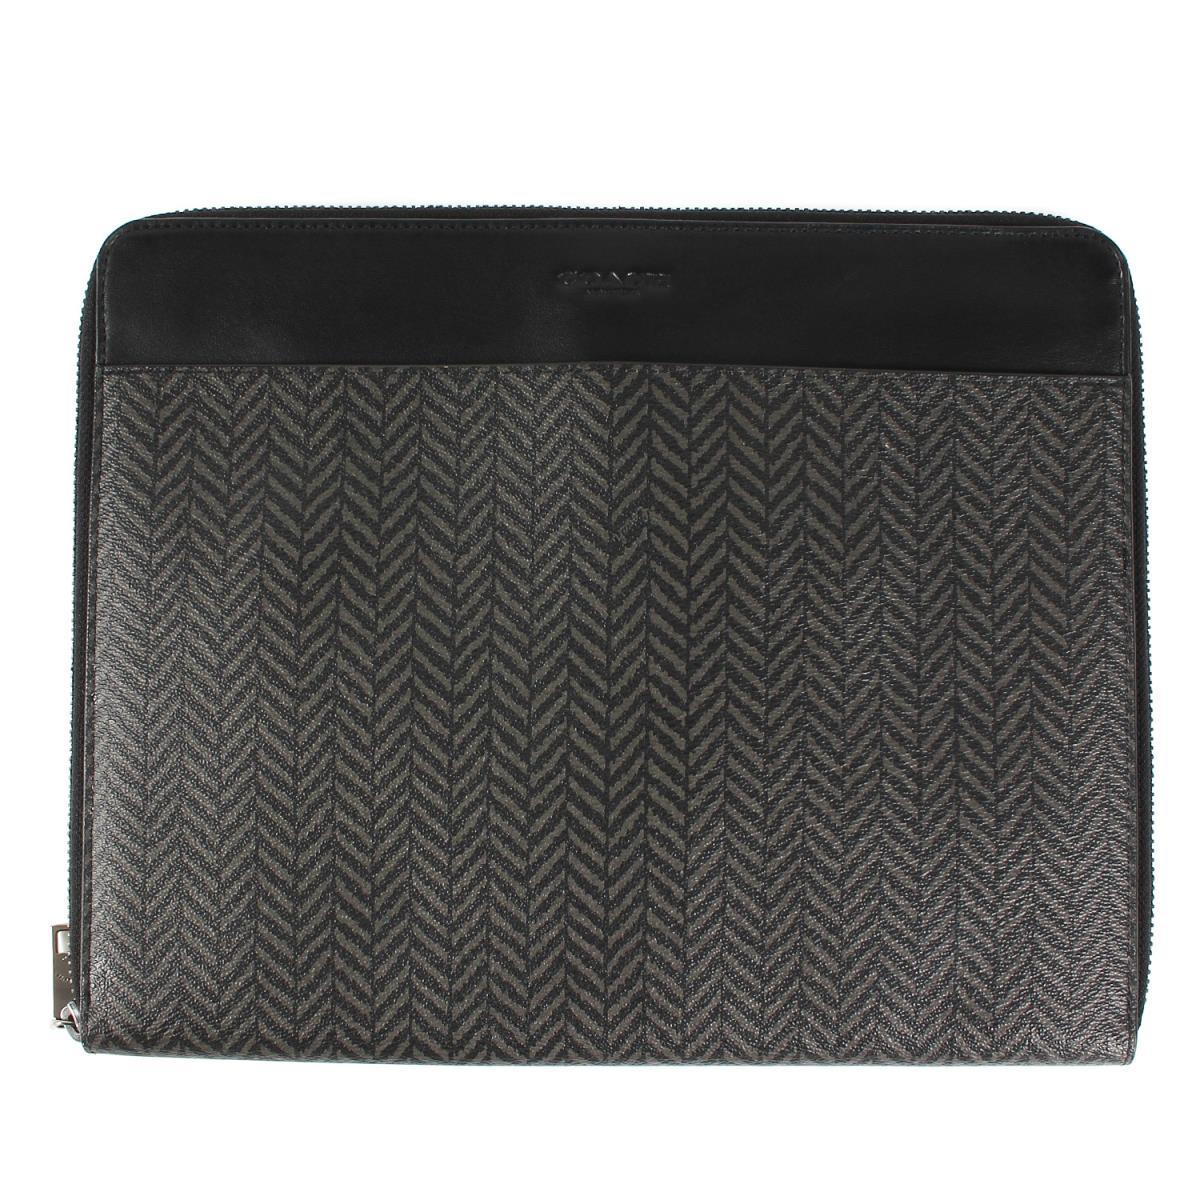 コーチ 供え iPadケース タブレットケース COACH 総柄PVCレザータブレットケース 美品 新品 送料無料 中古 メンズ チャコール×ブラック K2842